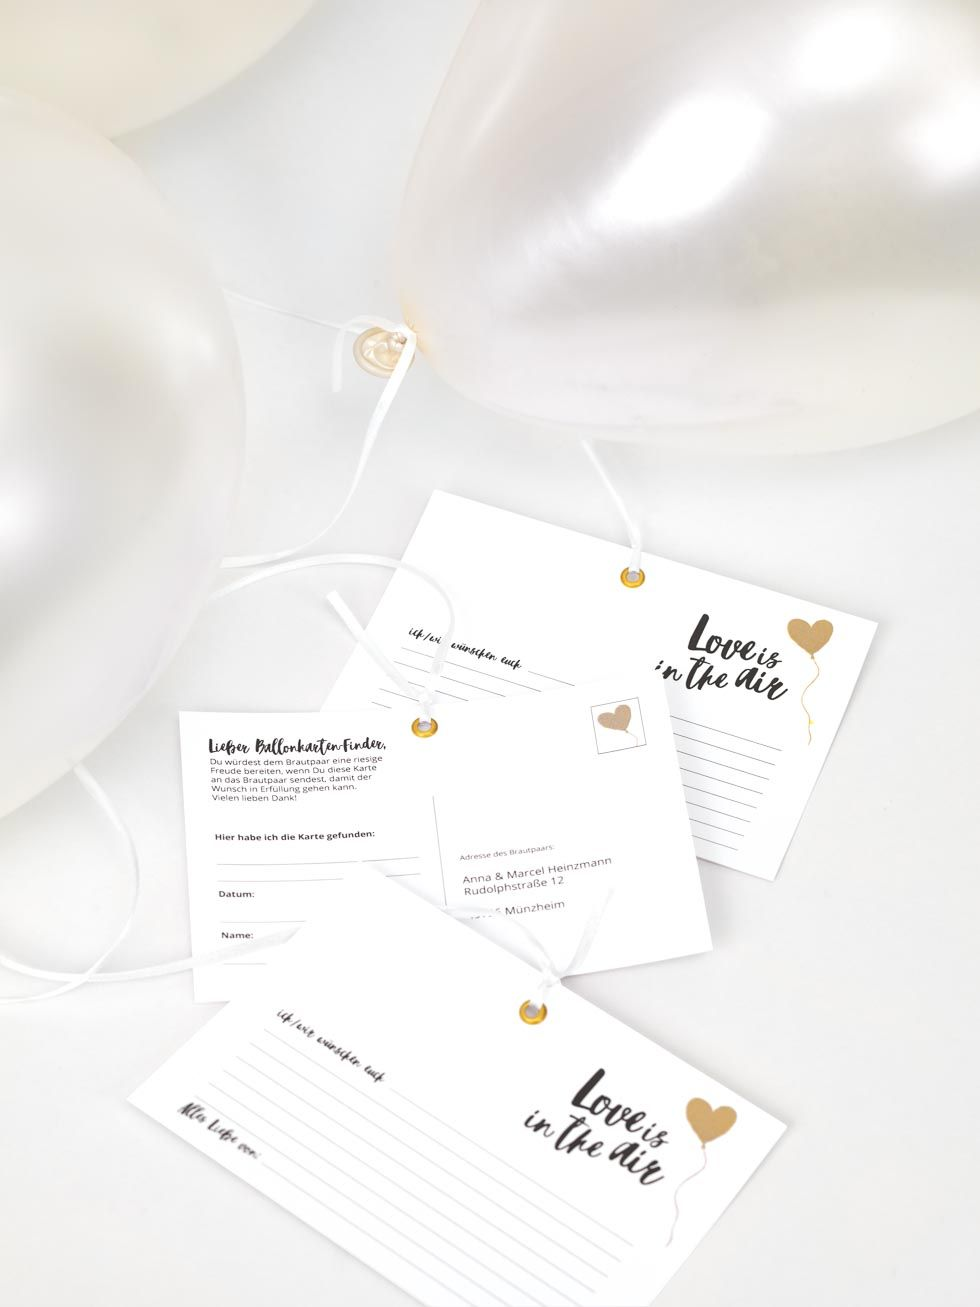 Ballonkarten Gestalten Neue Ideen Richtig Schone Personalisierte Karten Ballonflugkarten Ballons Hochzeit Luftballons Hochzeit